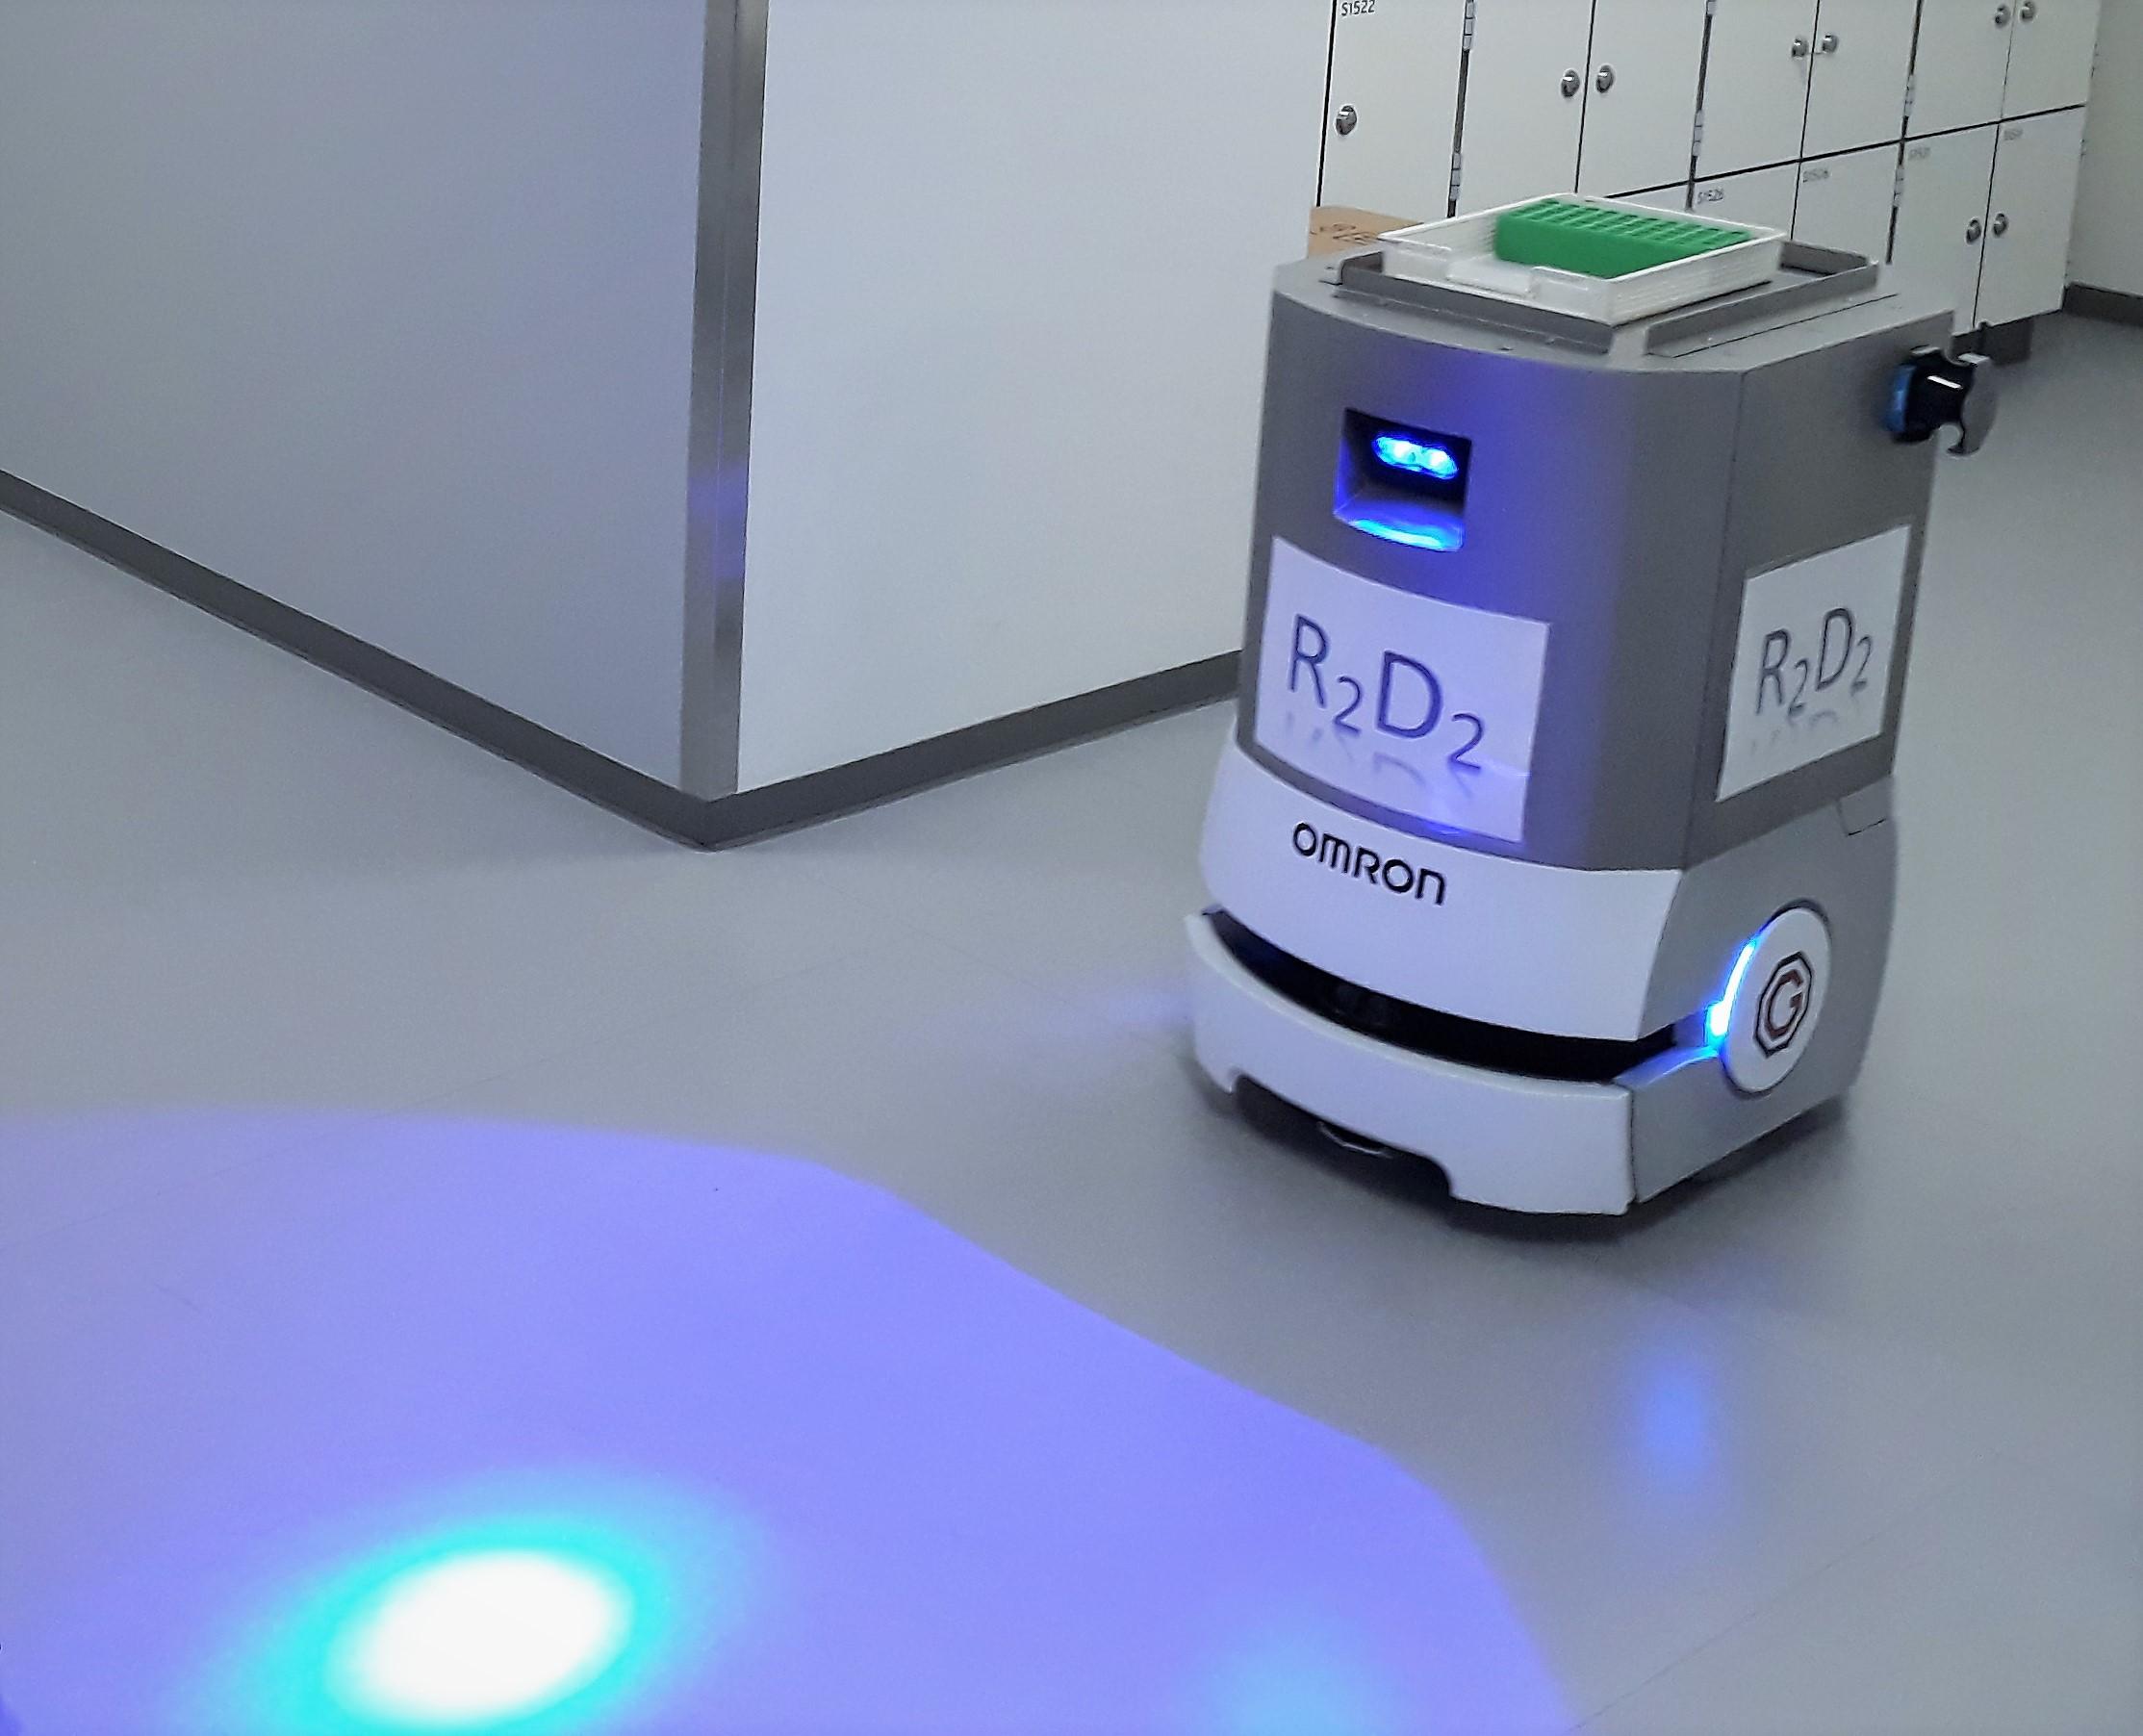 omron mobil robot